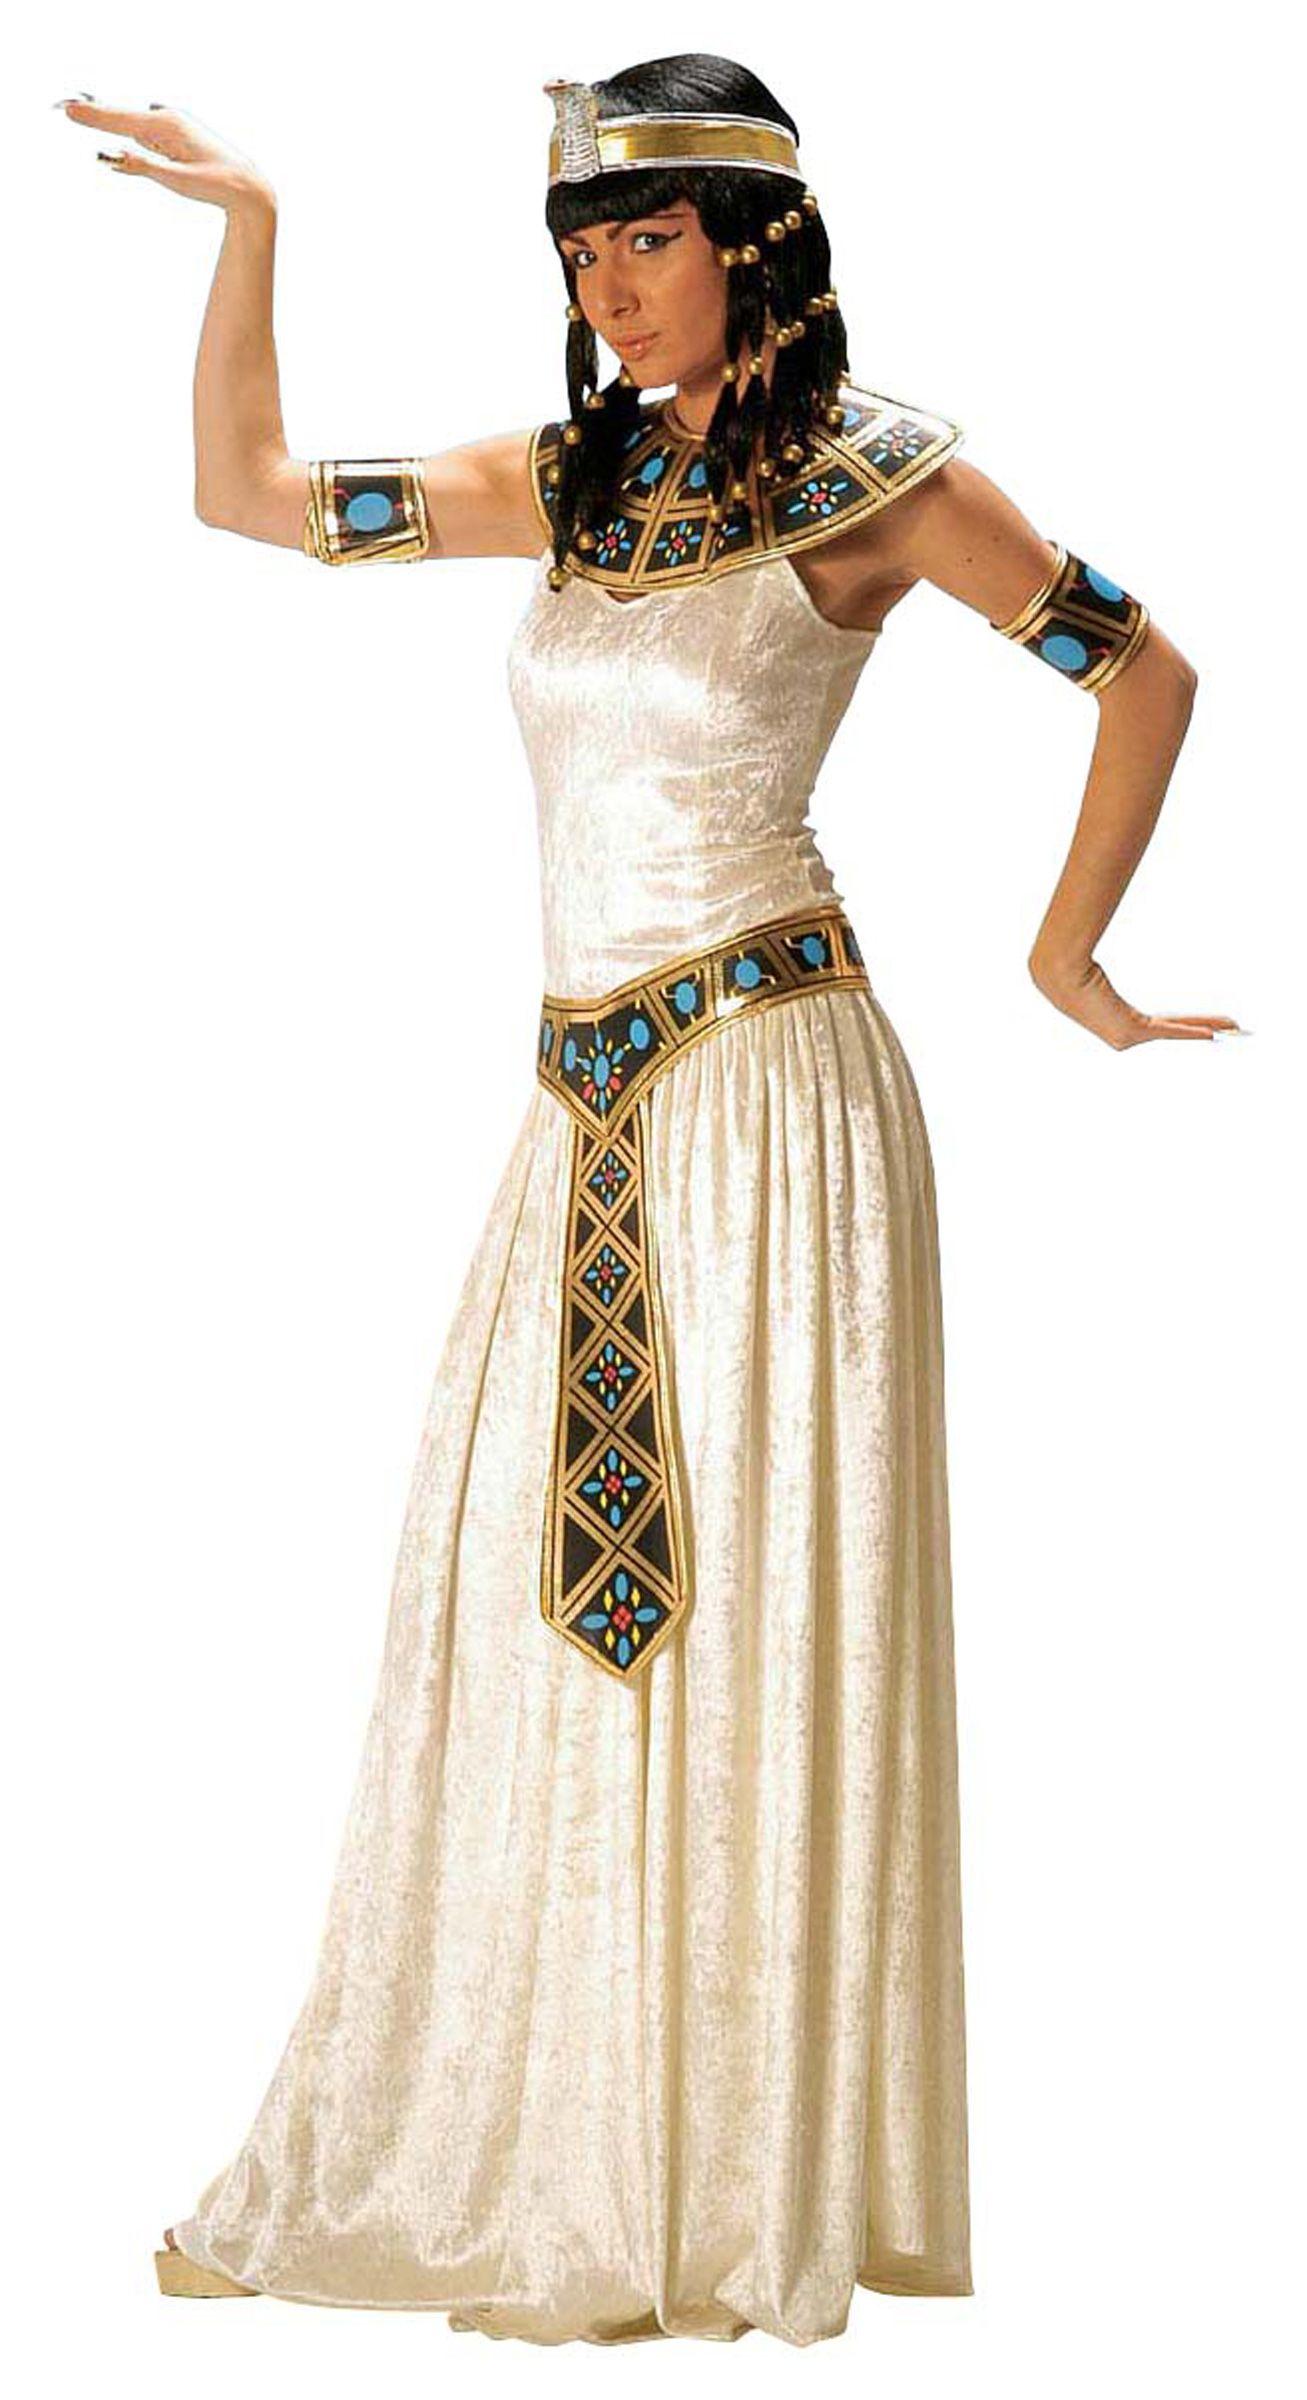 5e14a61253b13 Disfraz de faraona egipcia para mujer  Disfraz de faraona egipcia compuesto  por un vestido de imitación de terciopelo color blanco-crema.